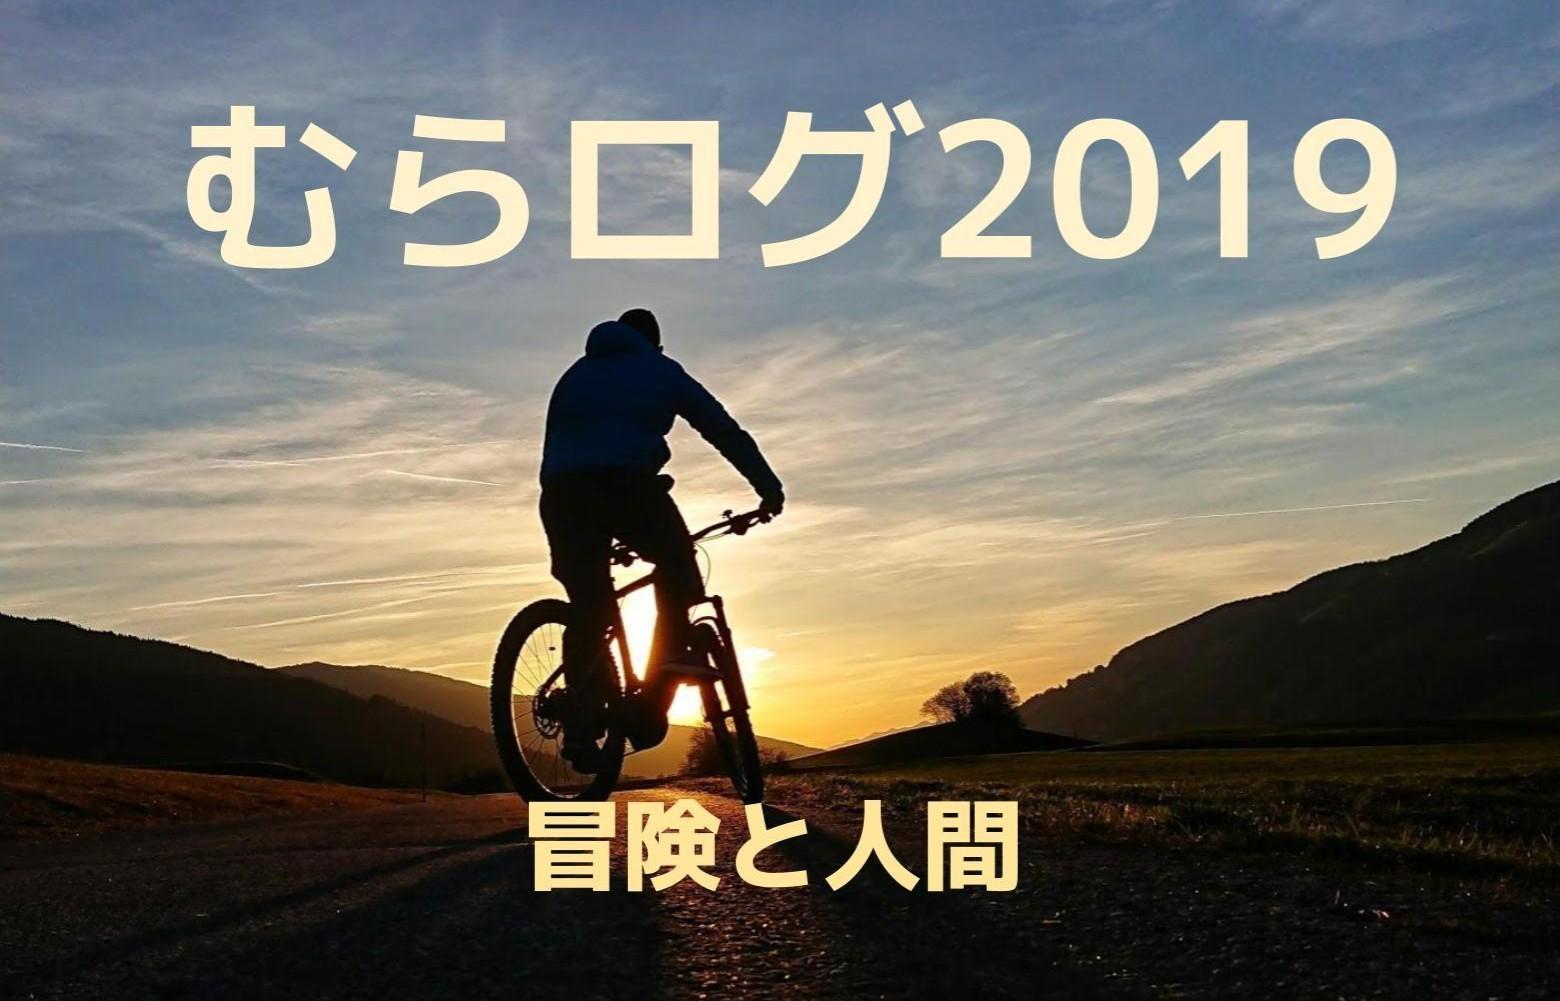 むらログ2019 冒険と人間 (2).jpg